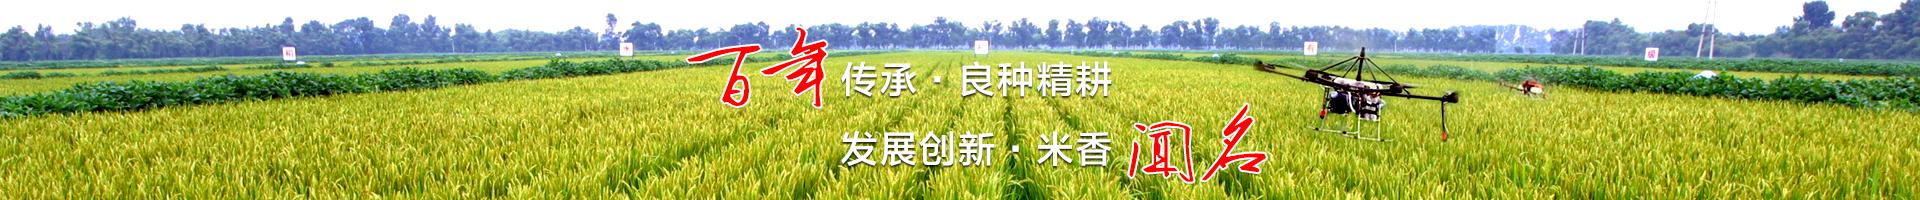 稻米基本知识